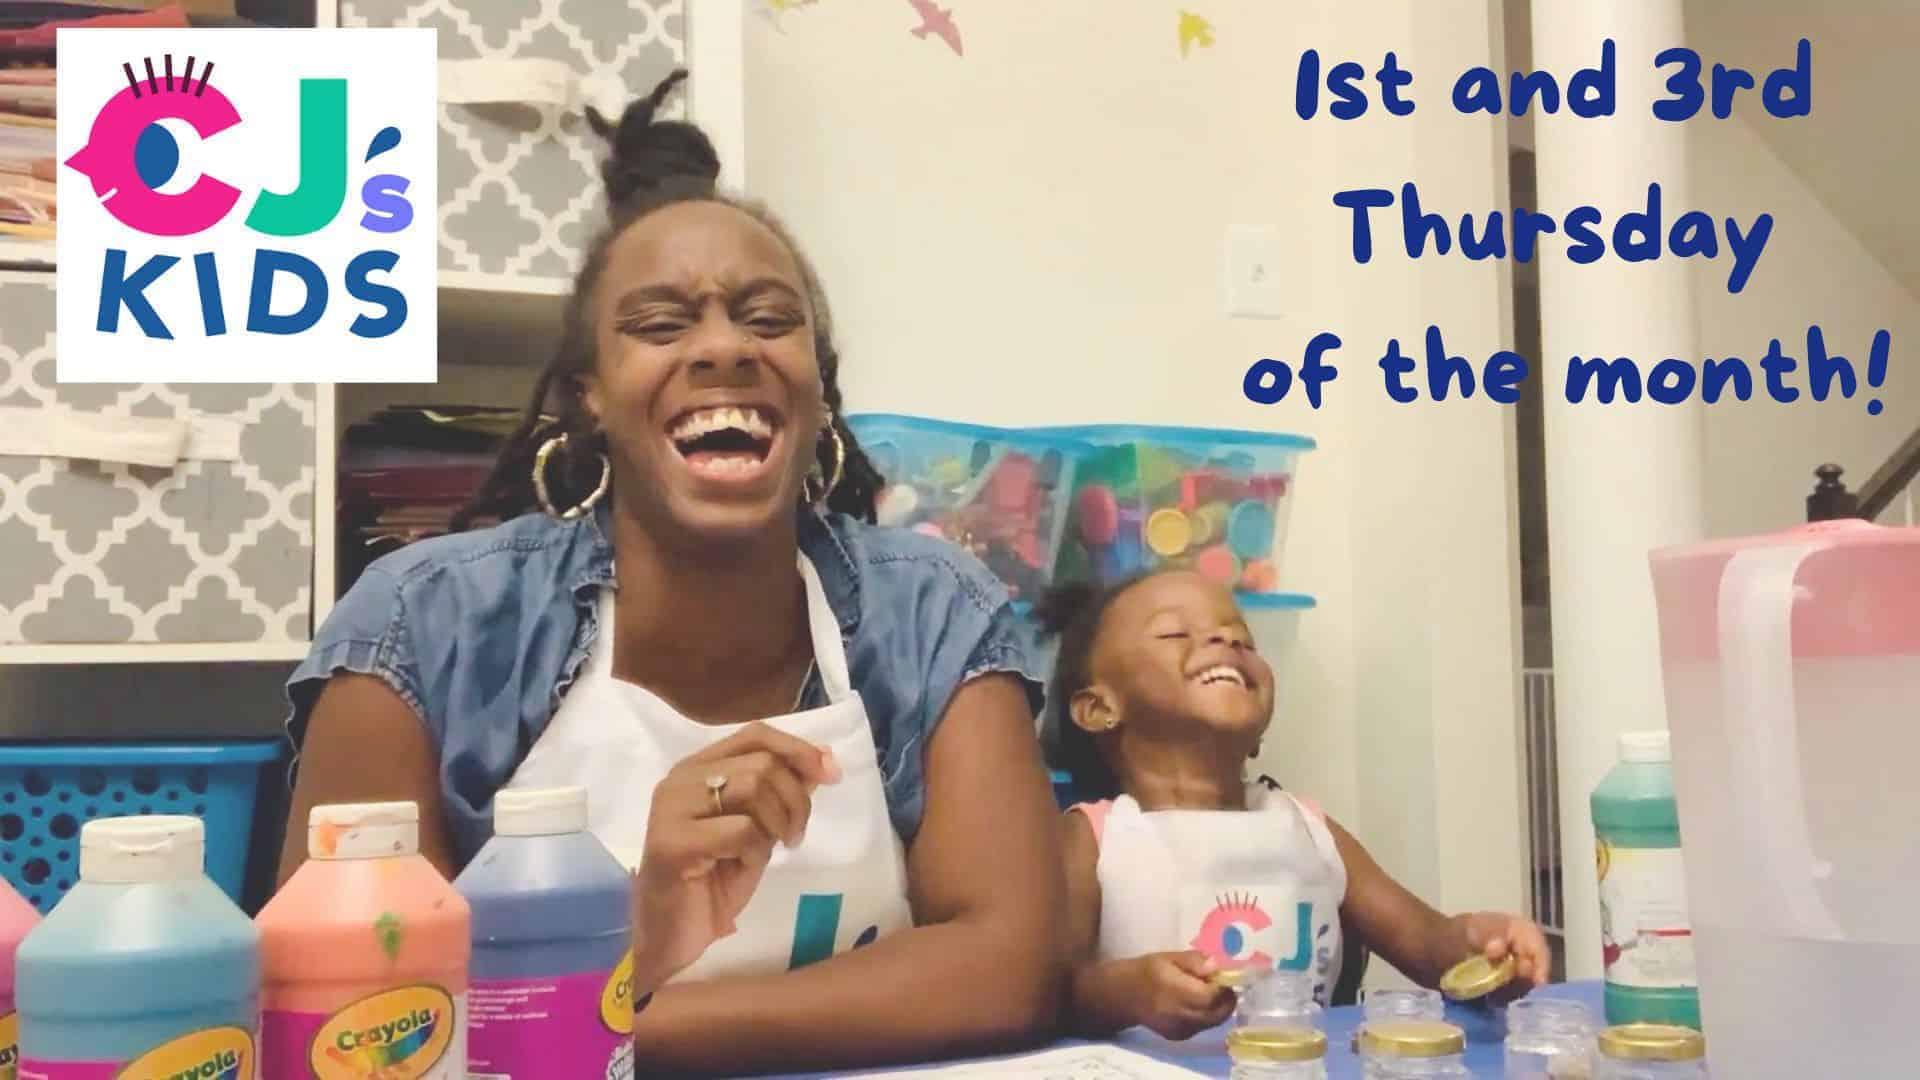 Crayola and CJs Kids